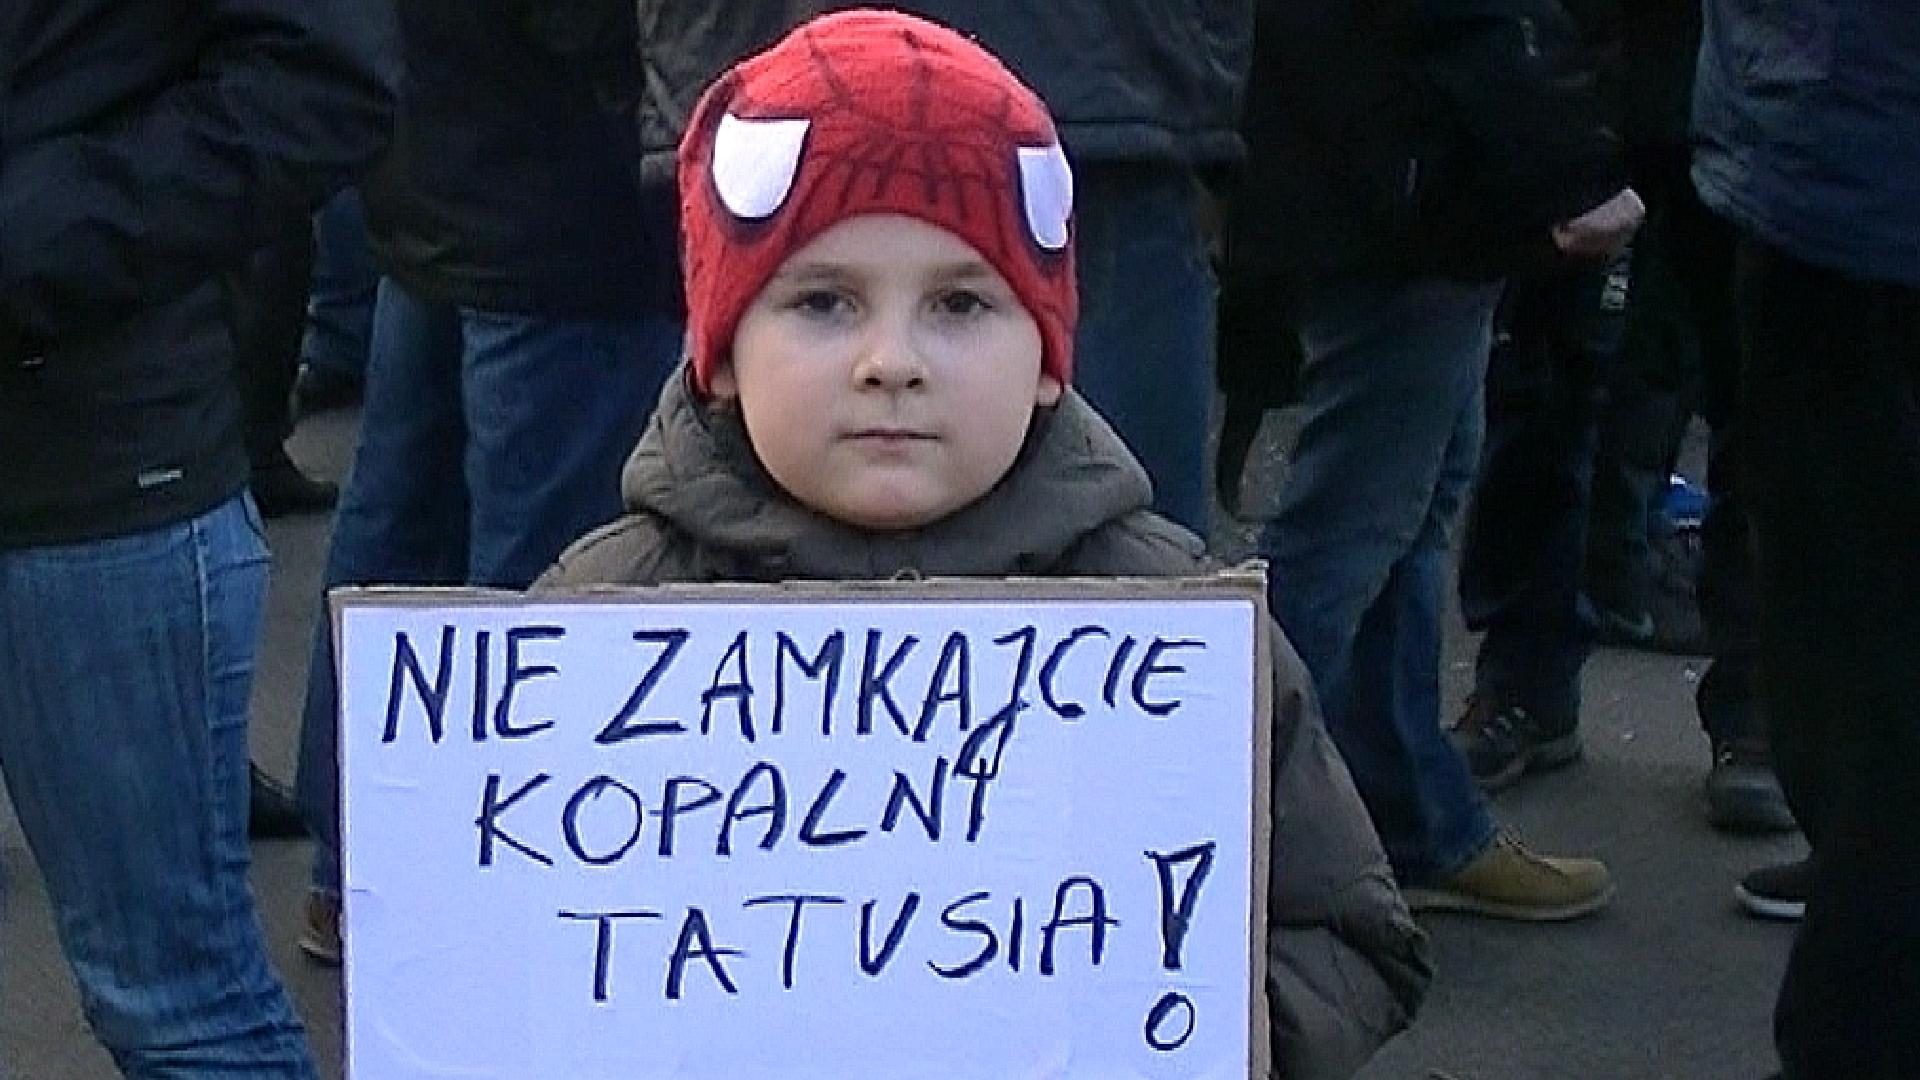 WOLNY CZYN: Śląsk powstał przeciw Targowicy! Gliwice 16 stycznia